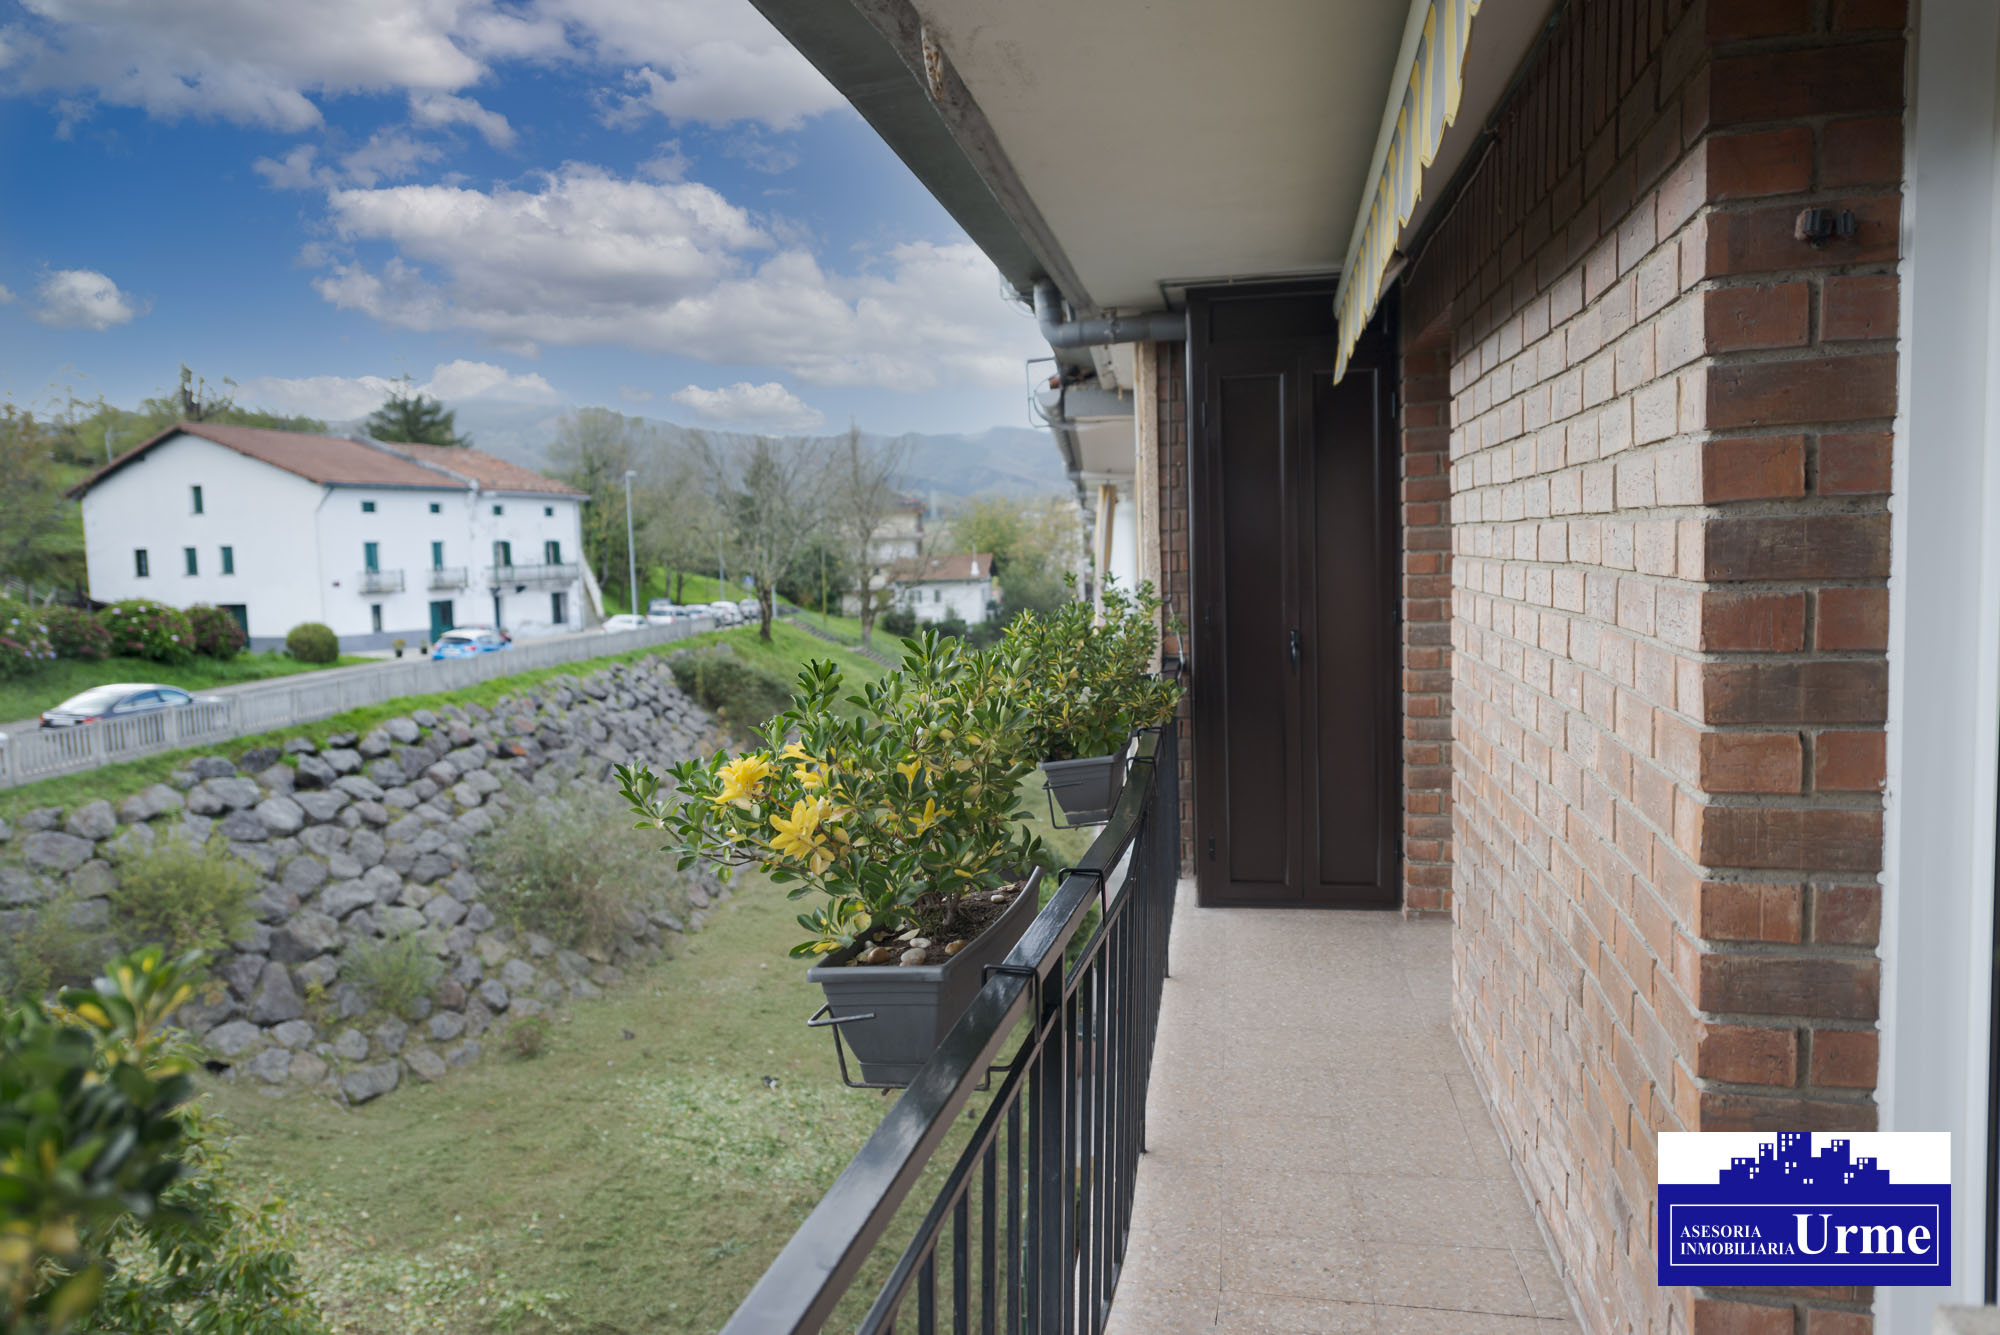 En Artia.Estado Impecable,exterior,con baldon.6º planta con ascensor.68m2, 2 habitaciones, salon,cocina y baño. Para entrar!!